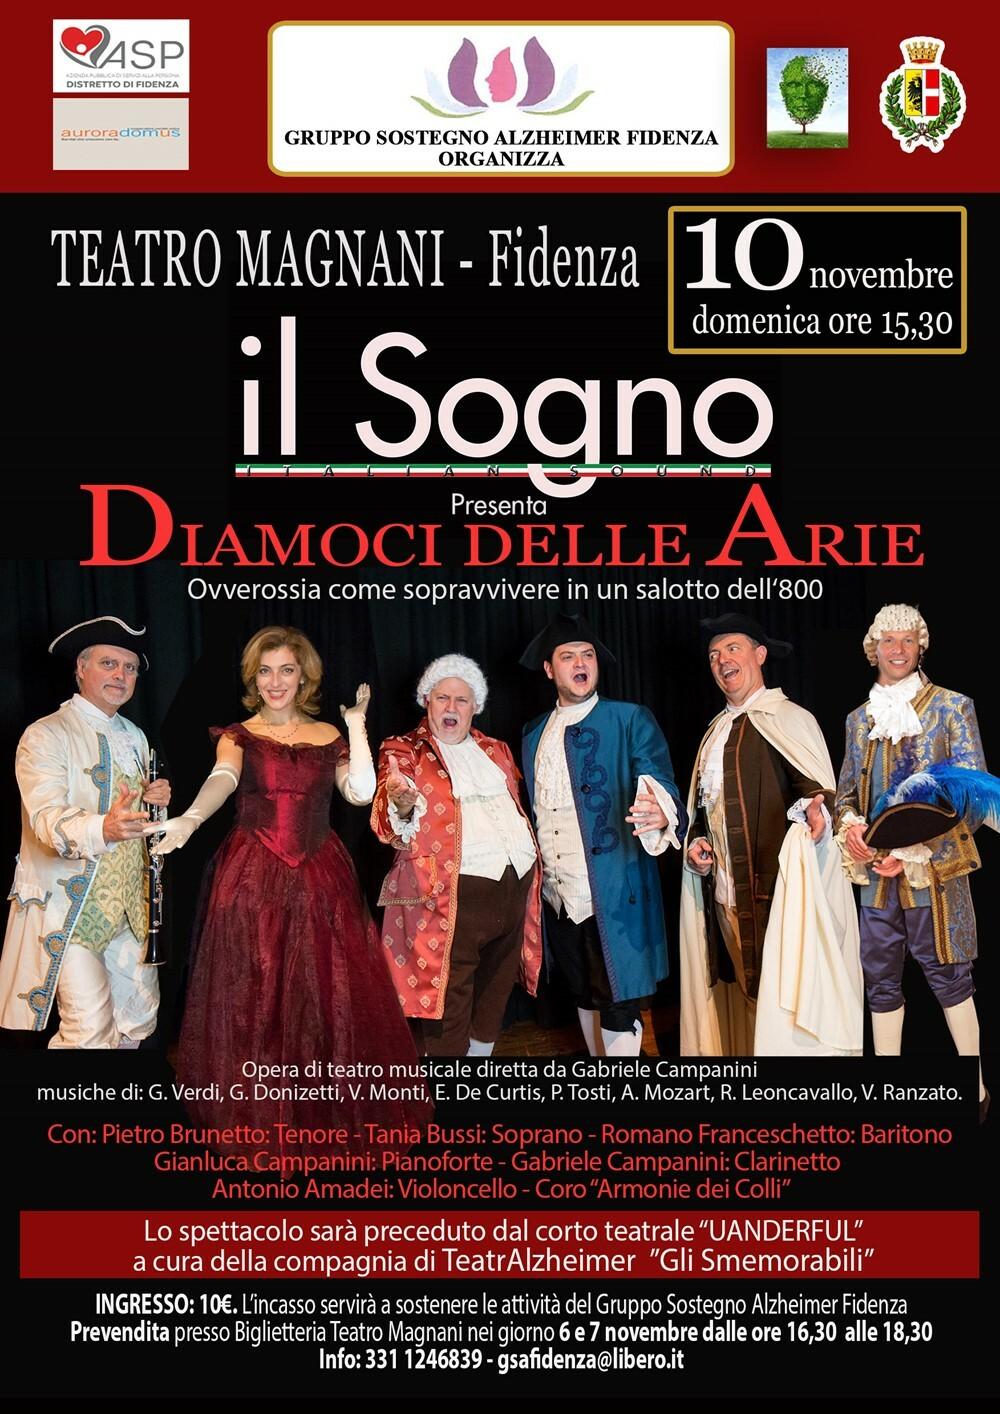 Diamoci delle Arie Il 10 novembre lo spettacolo proposto dal Gruppo Sostegno Alzheimer Fidenza